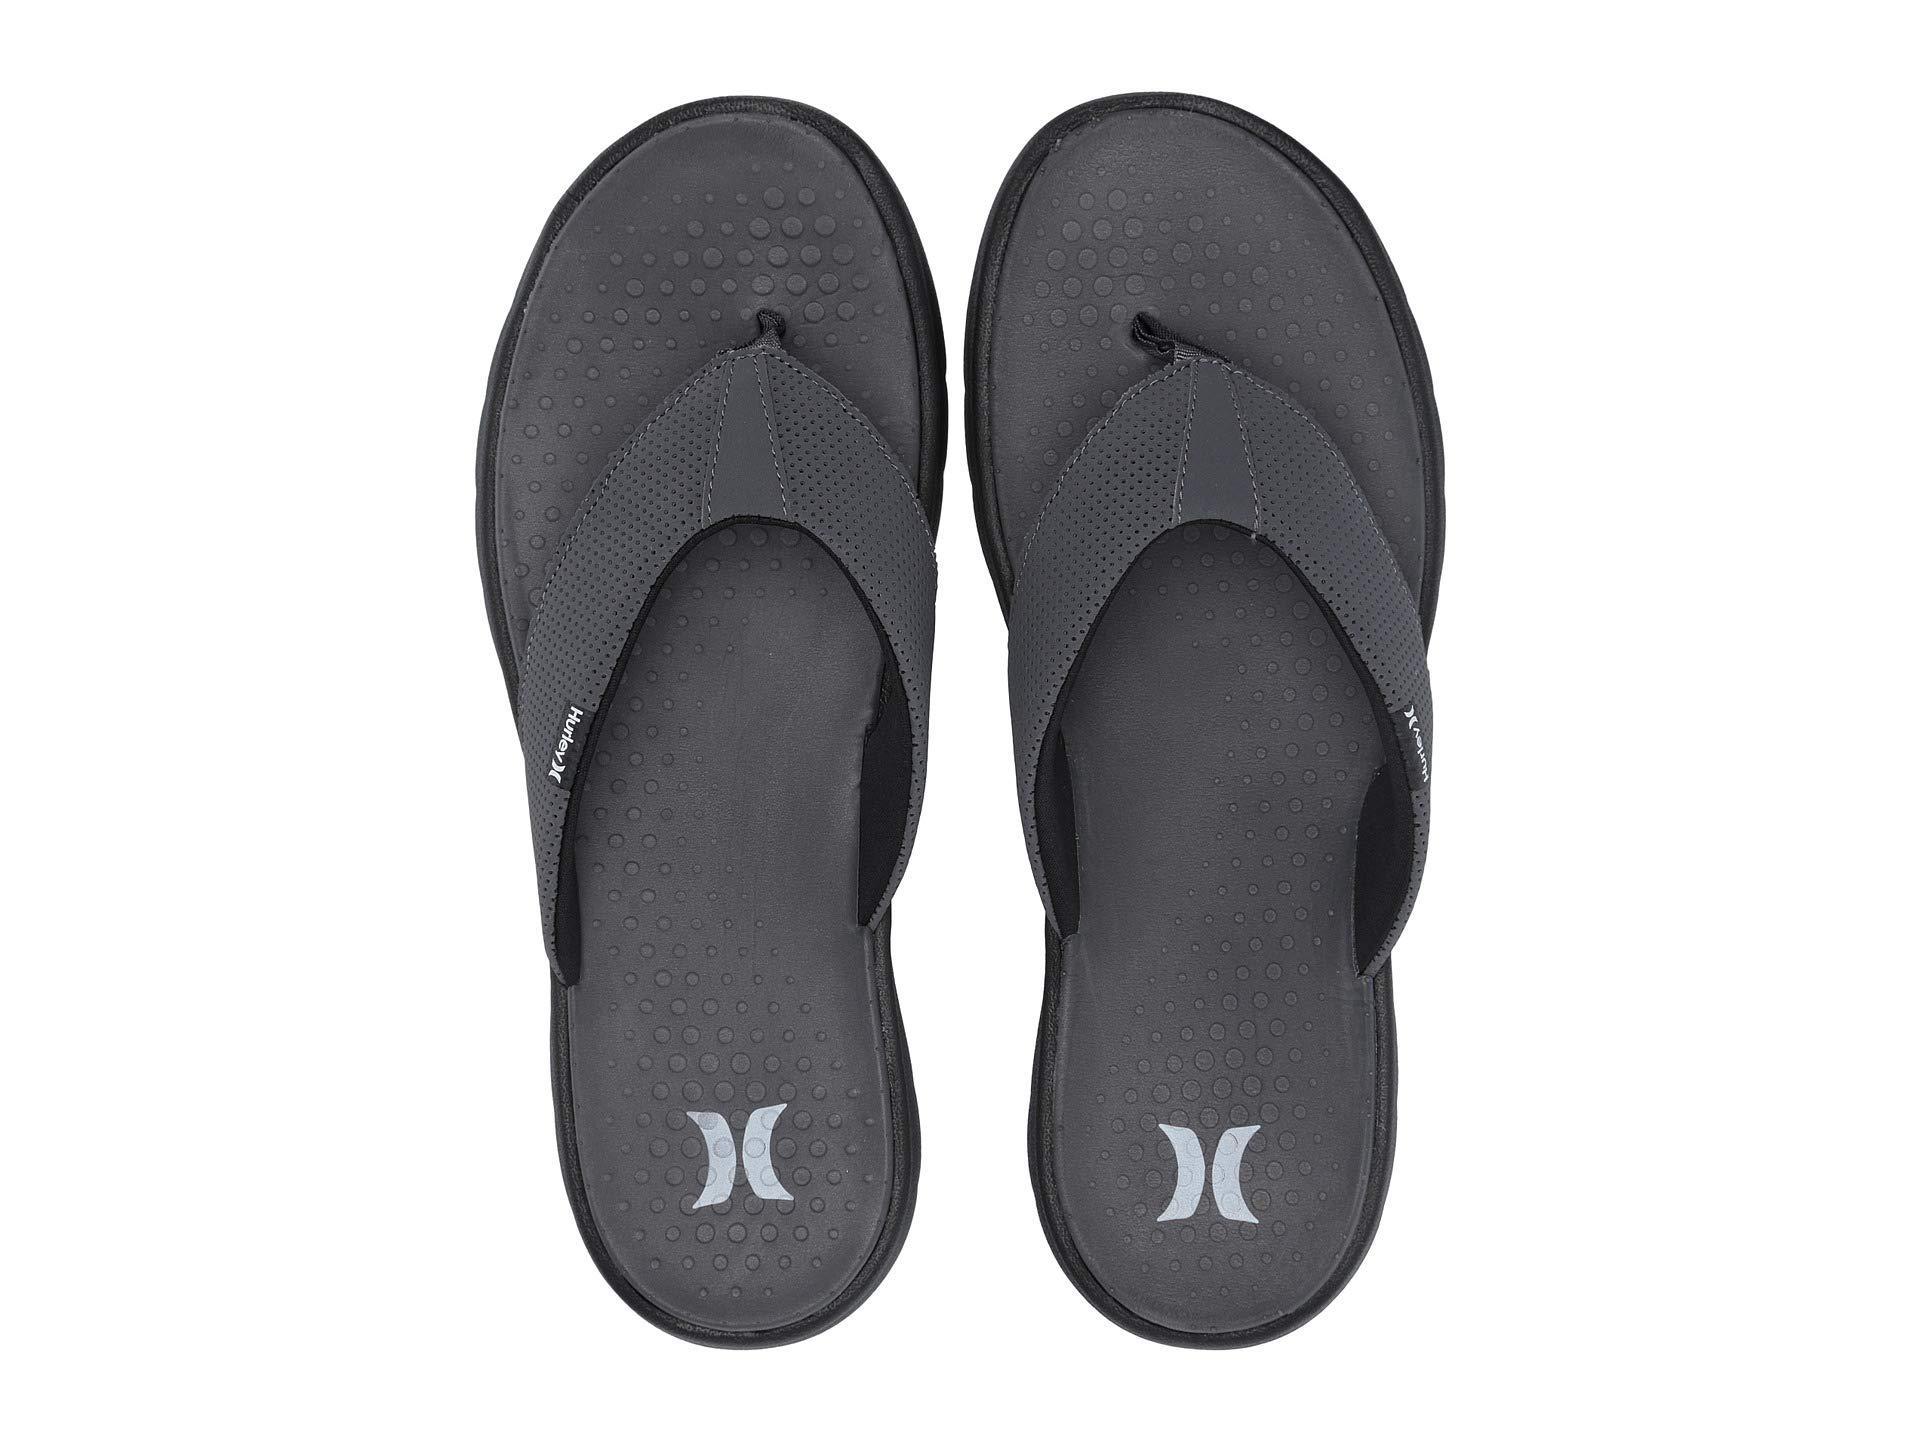 341cd6d0eda Lyst - Hurley Flex 2.0 Sandal (black) Men s Sandals in Gray for Men